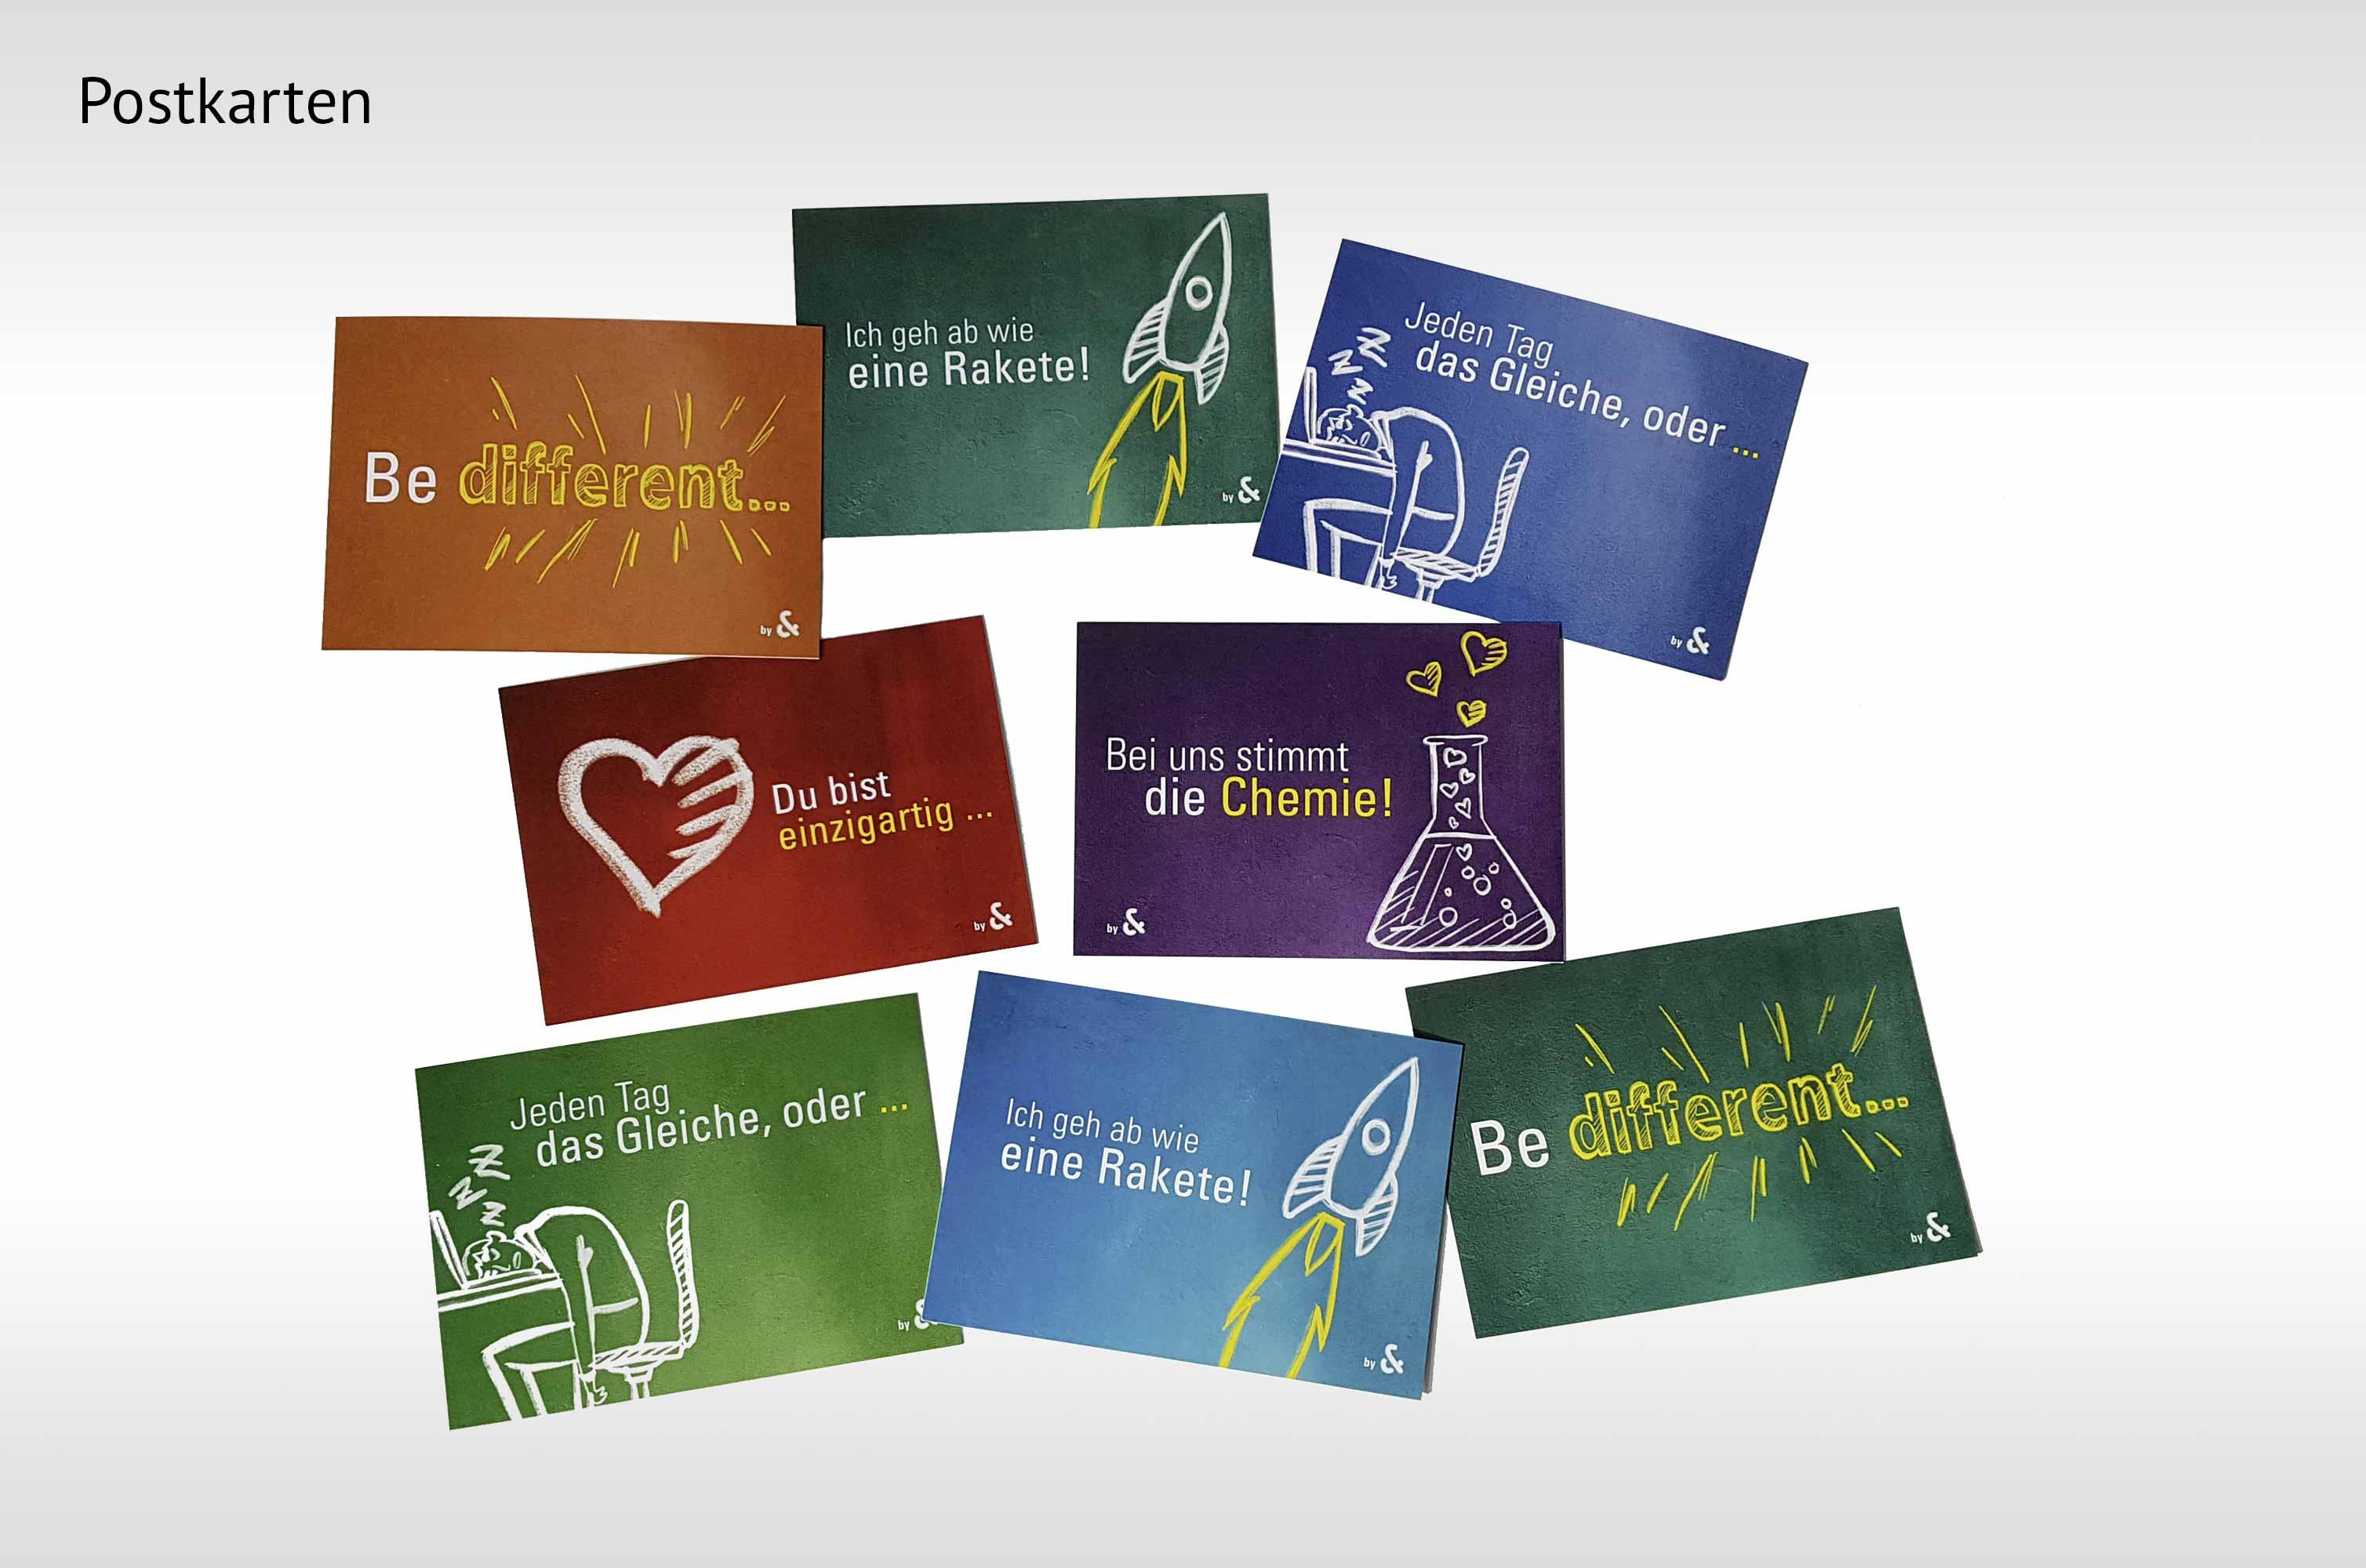 Themenrelevante farbenfrohe Postkarten, die Cohausz&Florack ins Gedächtnis rufen